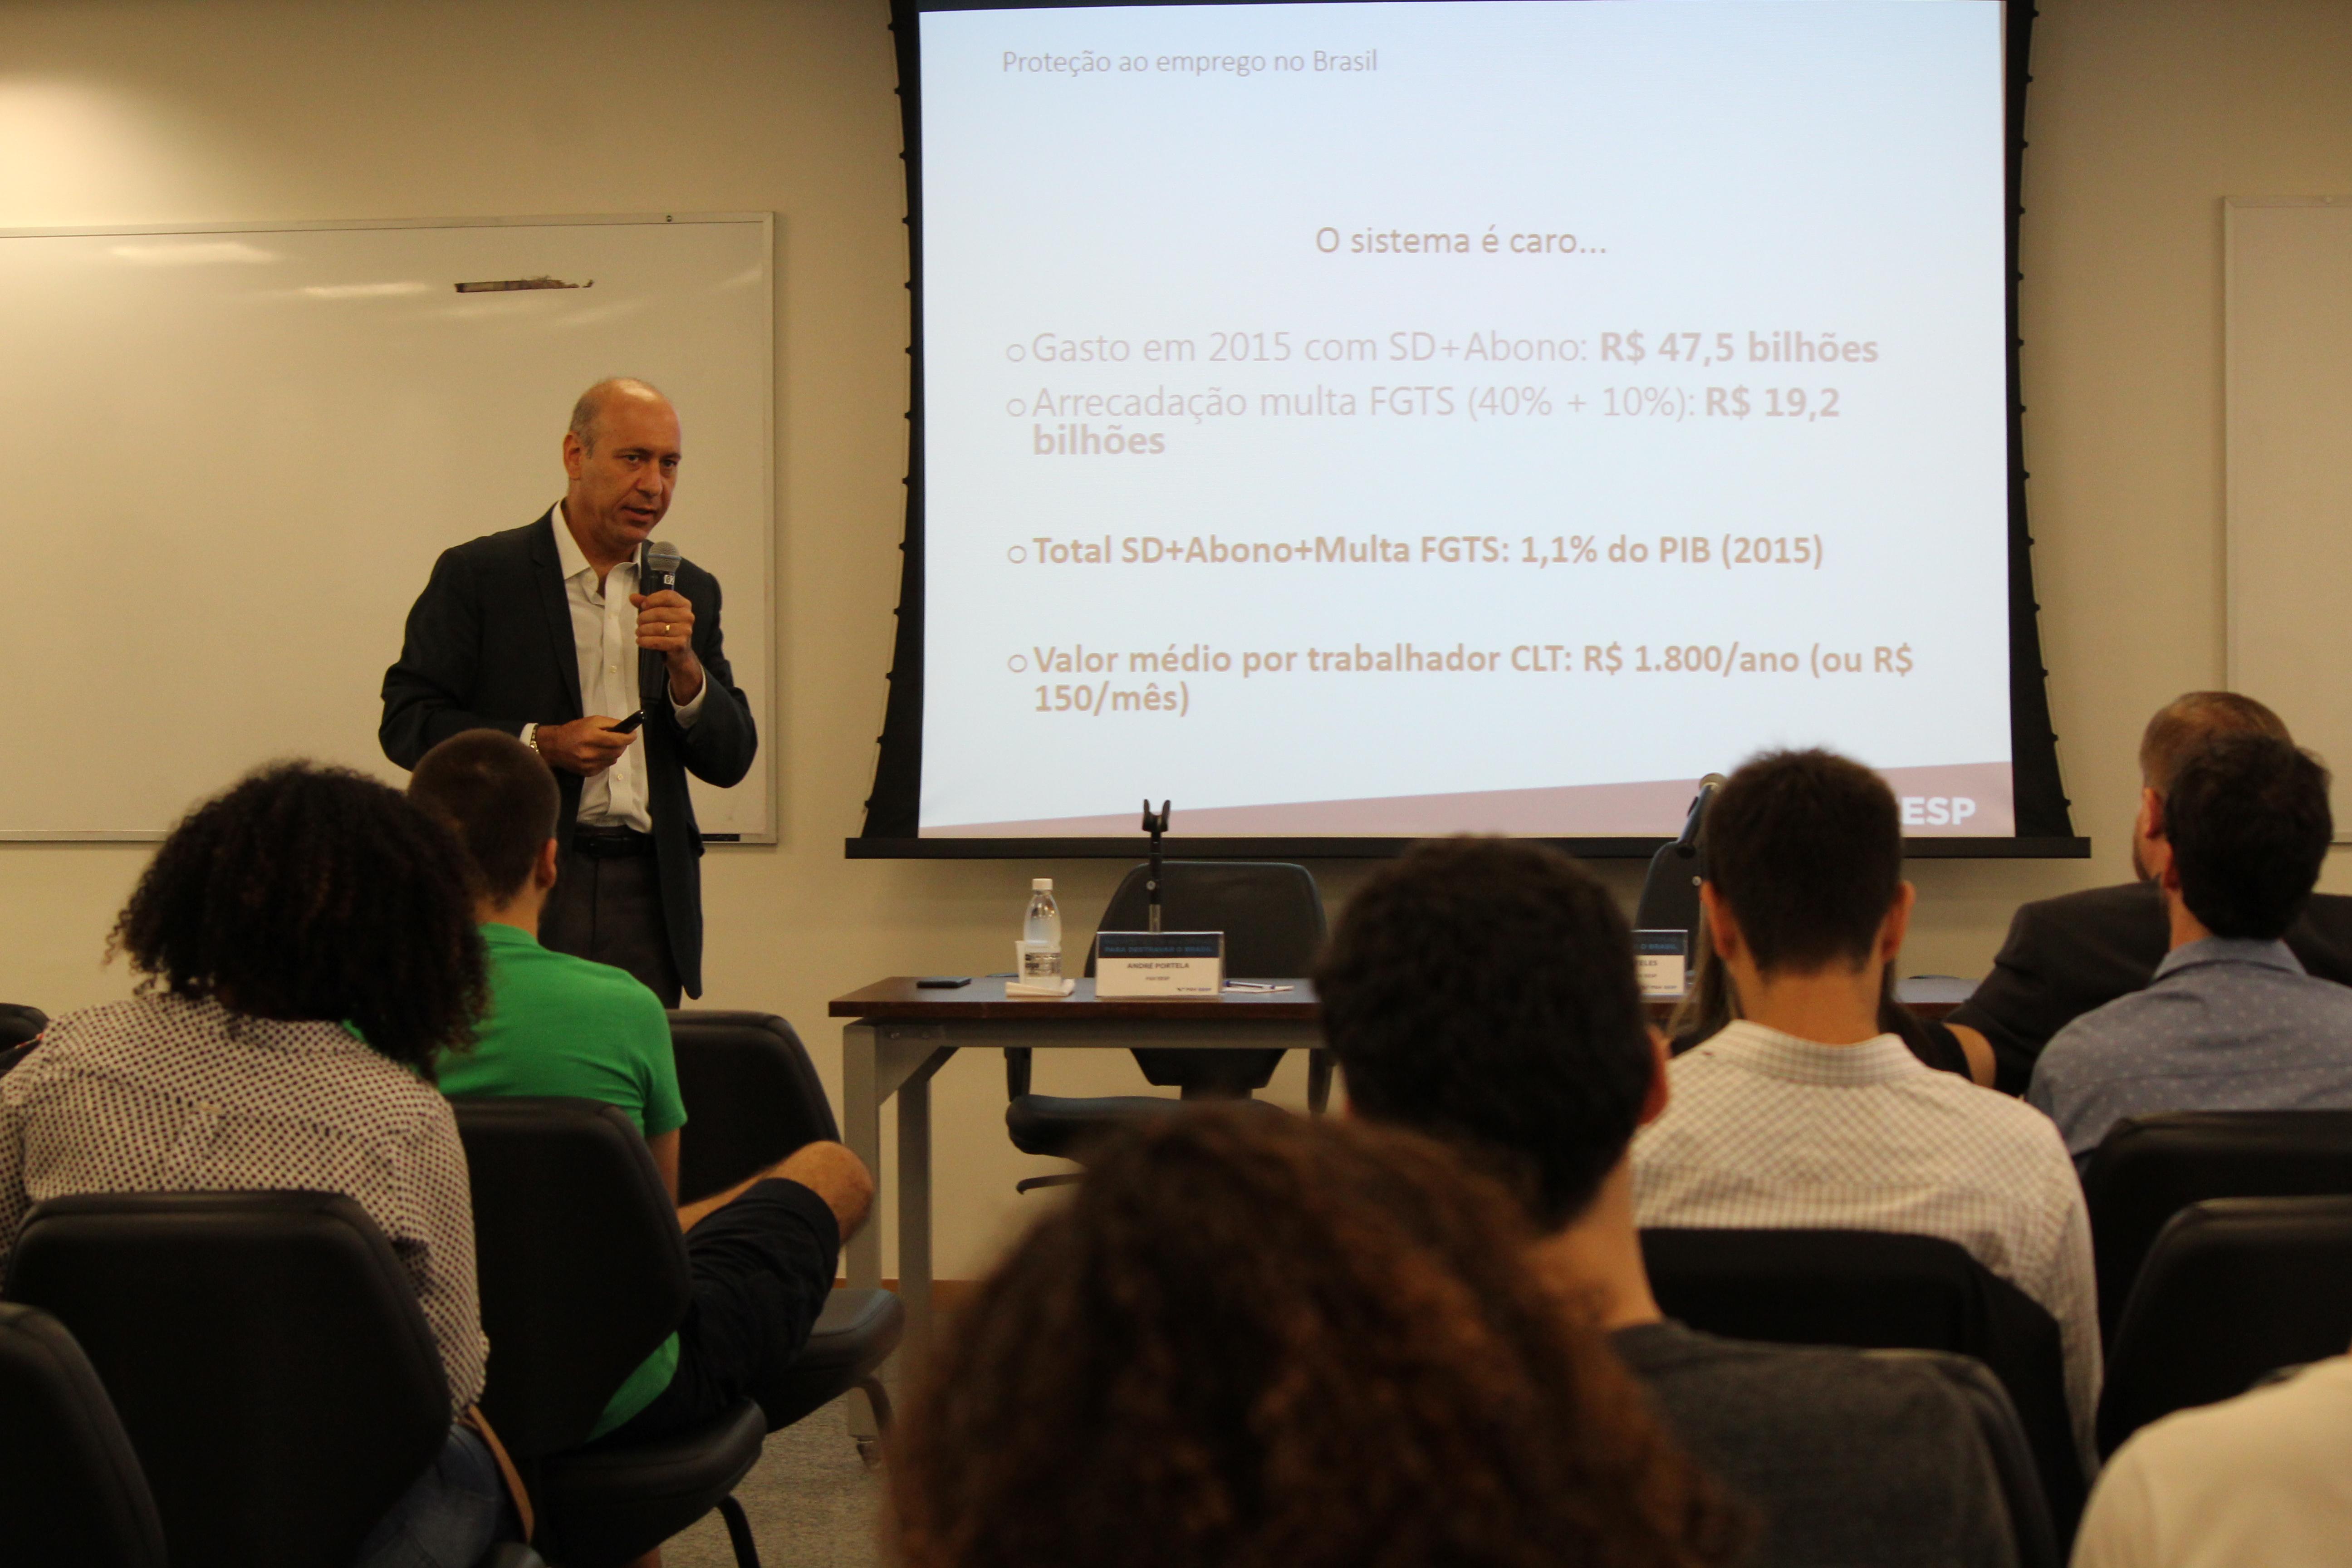 """Professor André Portela apresentando o estudo no evento """"Propostas de Reformas para destravar o Brasil"""" Foto: Sarah Meconi"""